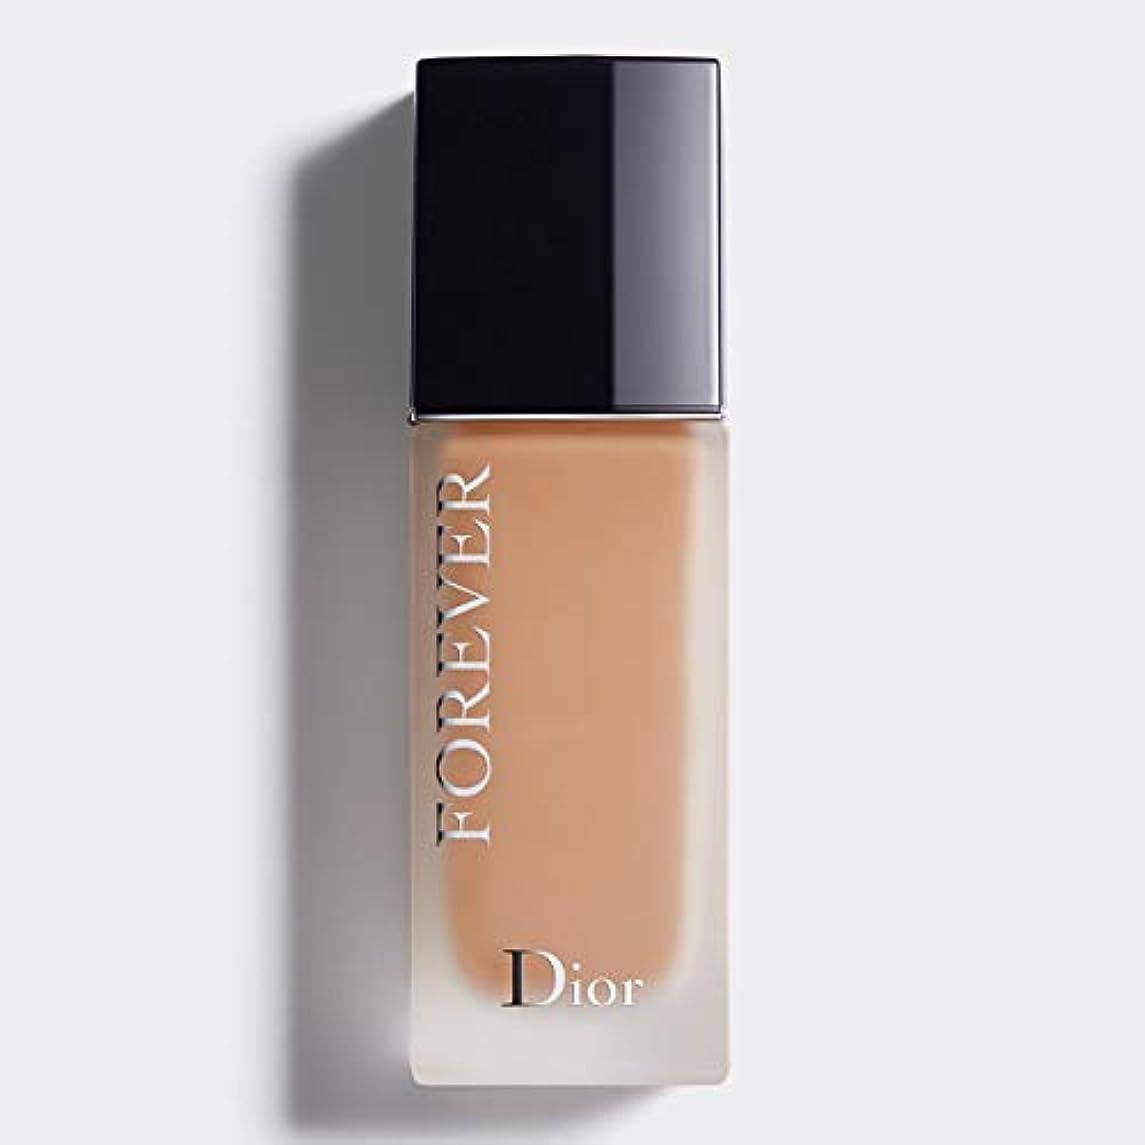 宿題パワー影響力のあるクリスチャンディオール Dior Forever 24H Wear High Perfection Foundation SPF 35 - # 3WP (Warm Peach) 30ml/1oz並行輸入品